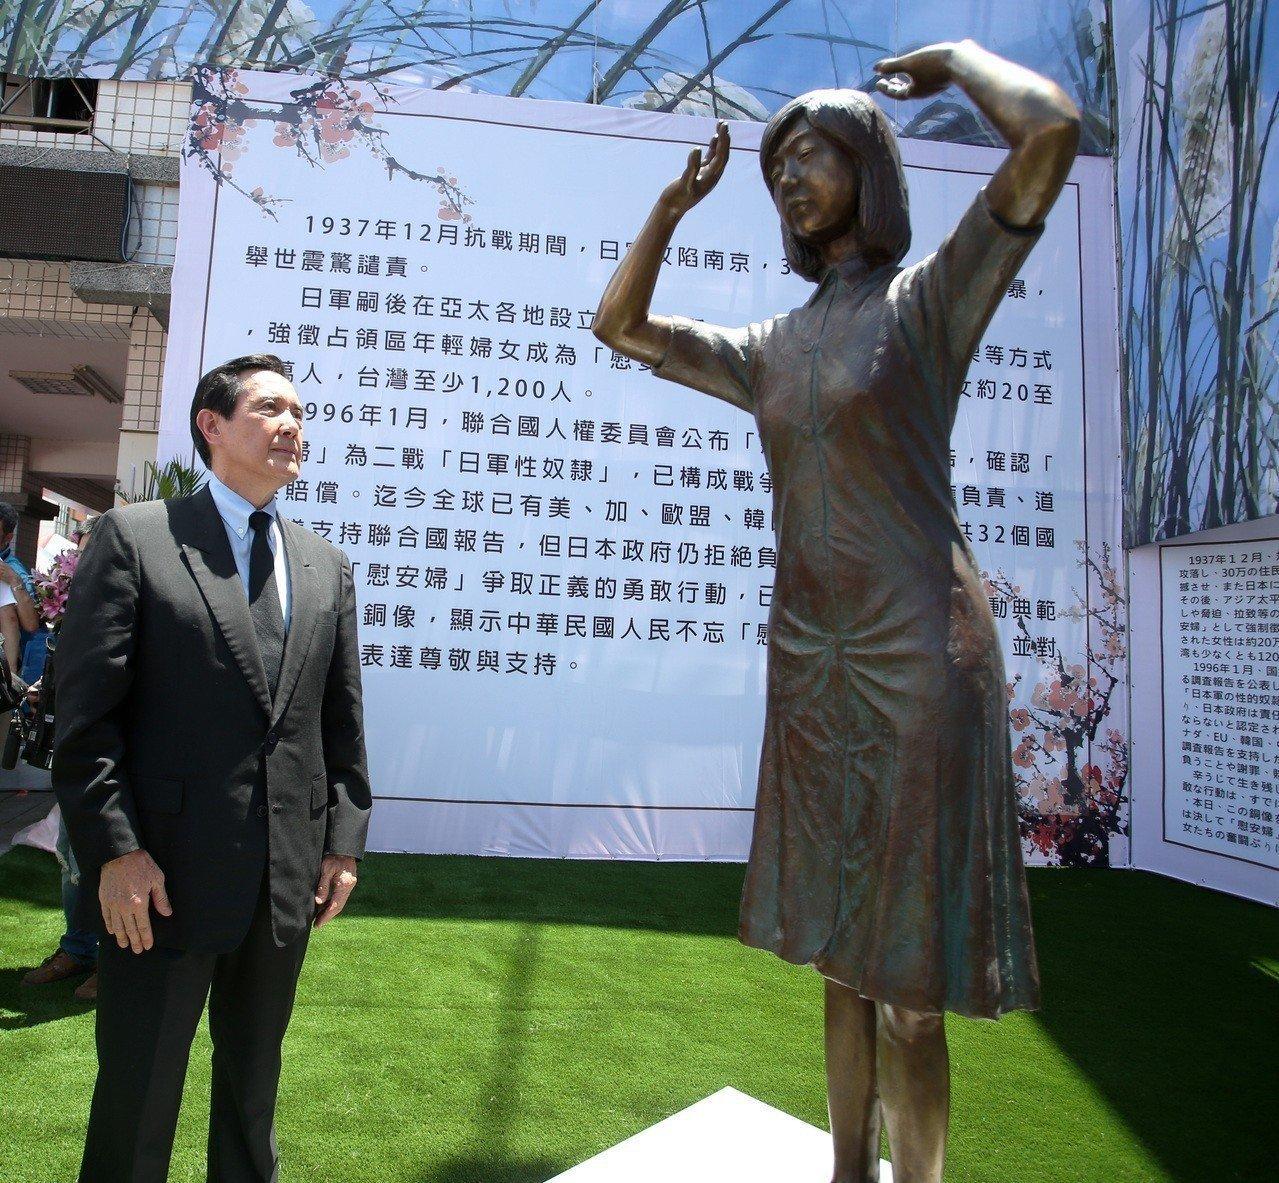 台灣第一座慰安婦銅像於今年國際慰安婦紀念日,在台南市國民黨黨部旁空地設置,前總統...